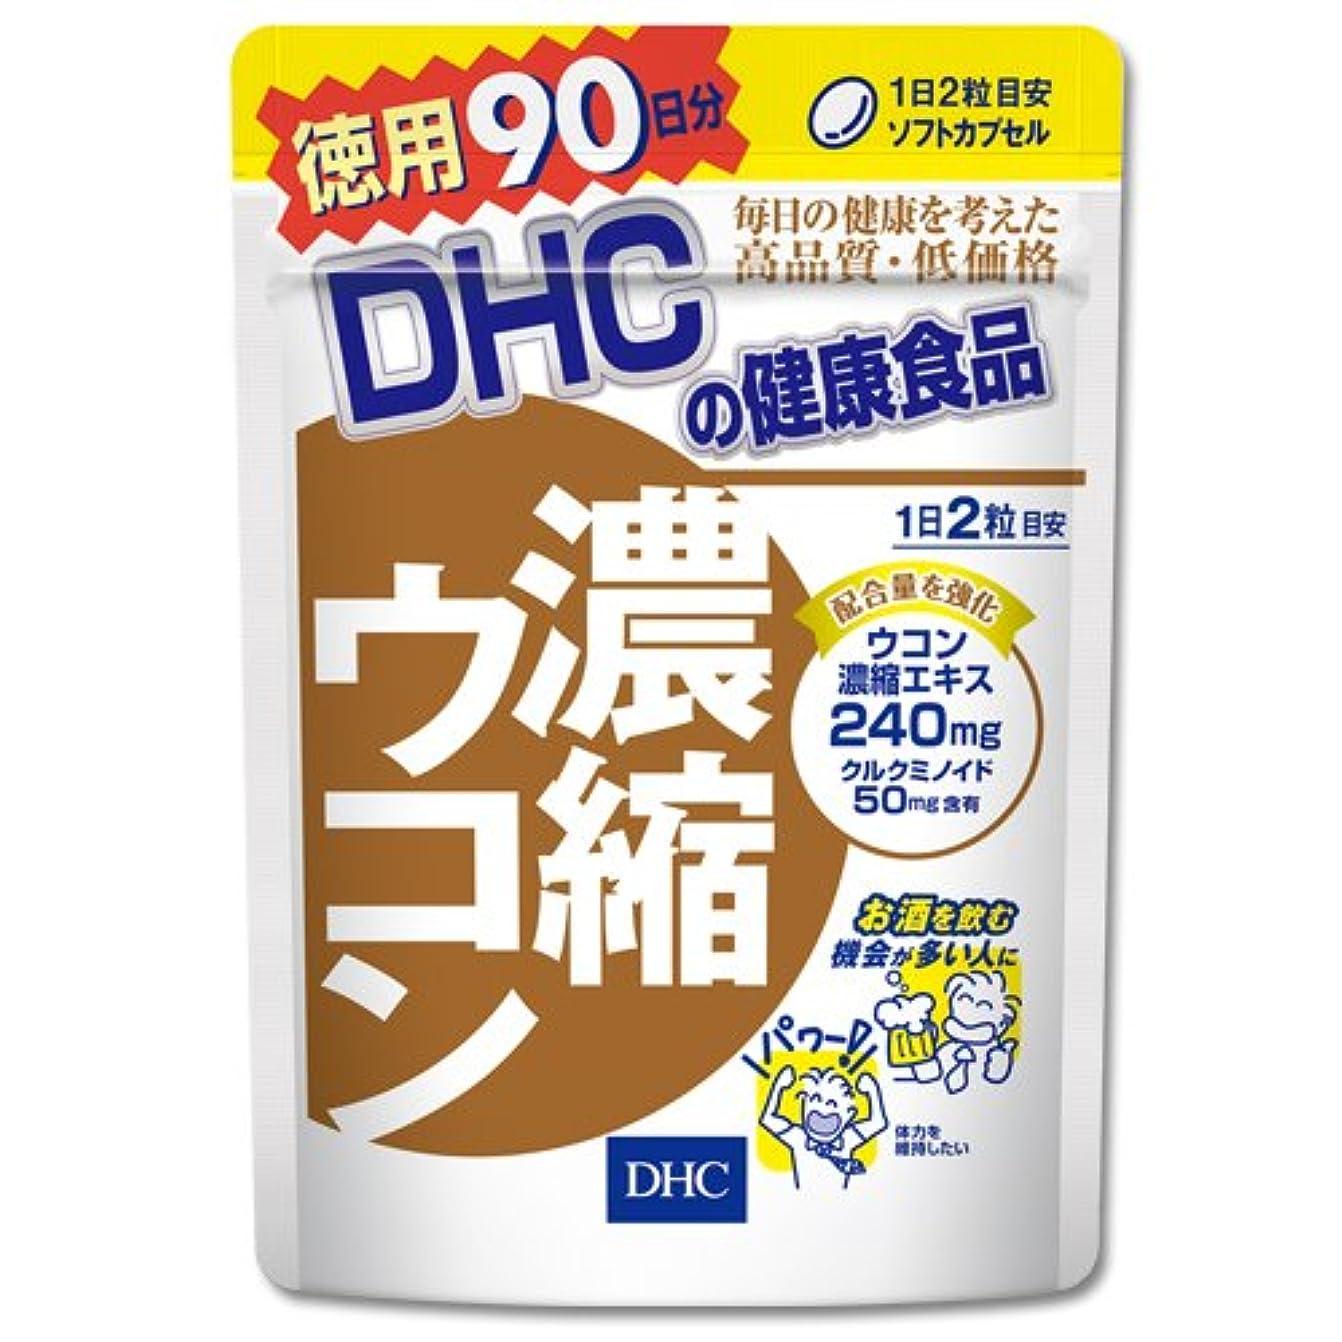 抑圧者落ち着いた電気陽性DHC 濃縮ウコン 徳用90日分